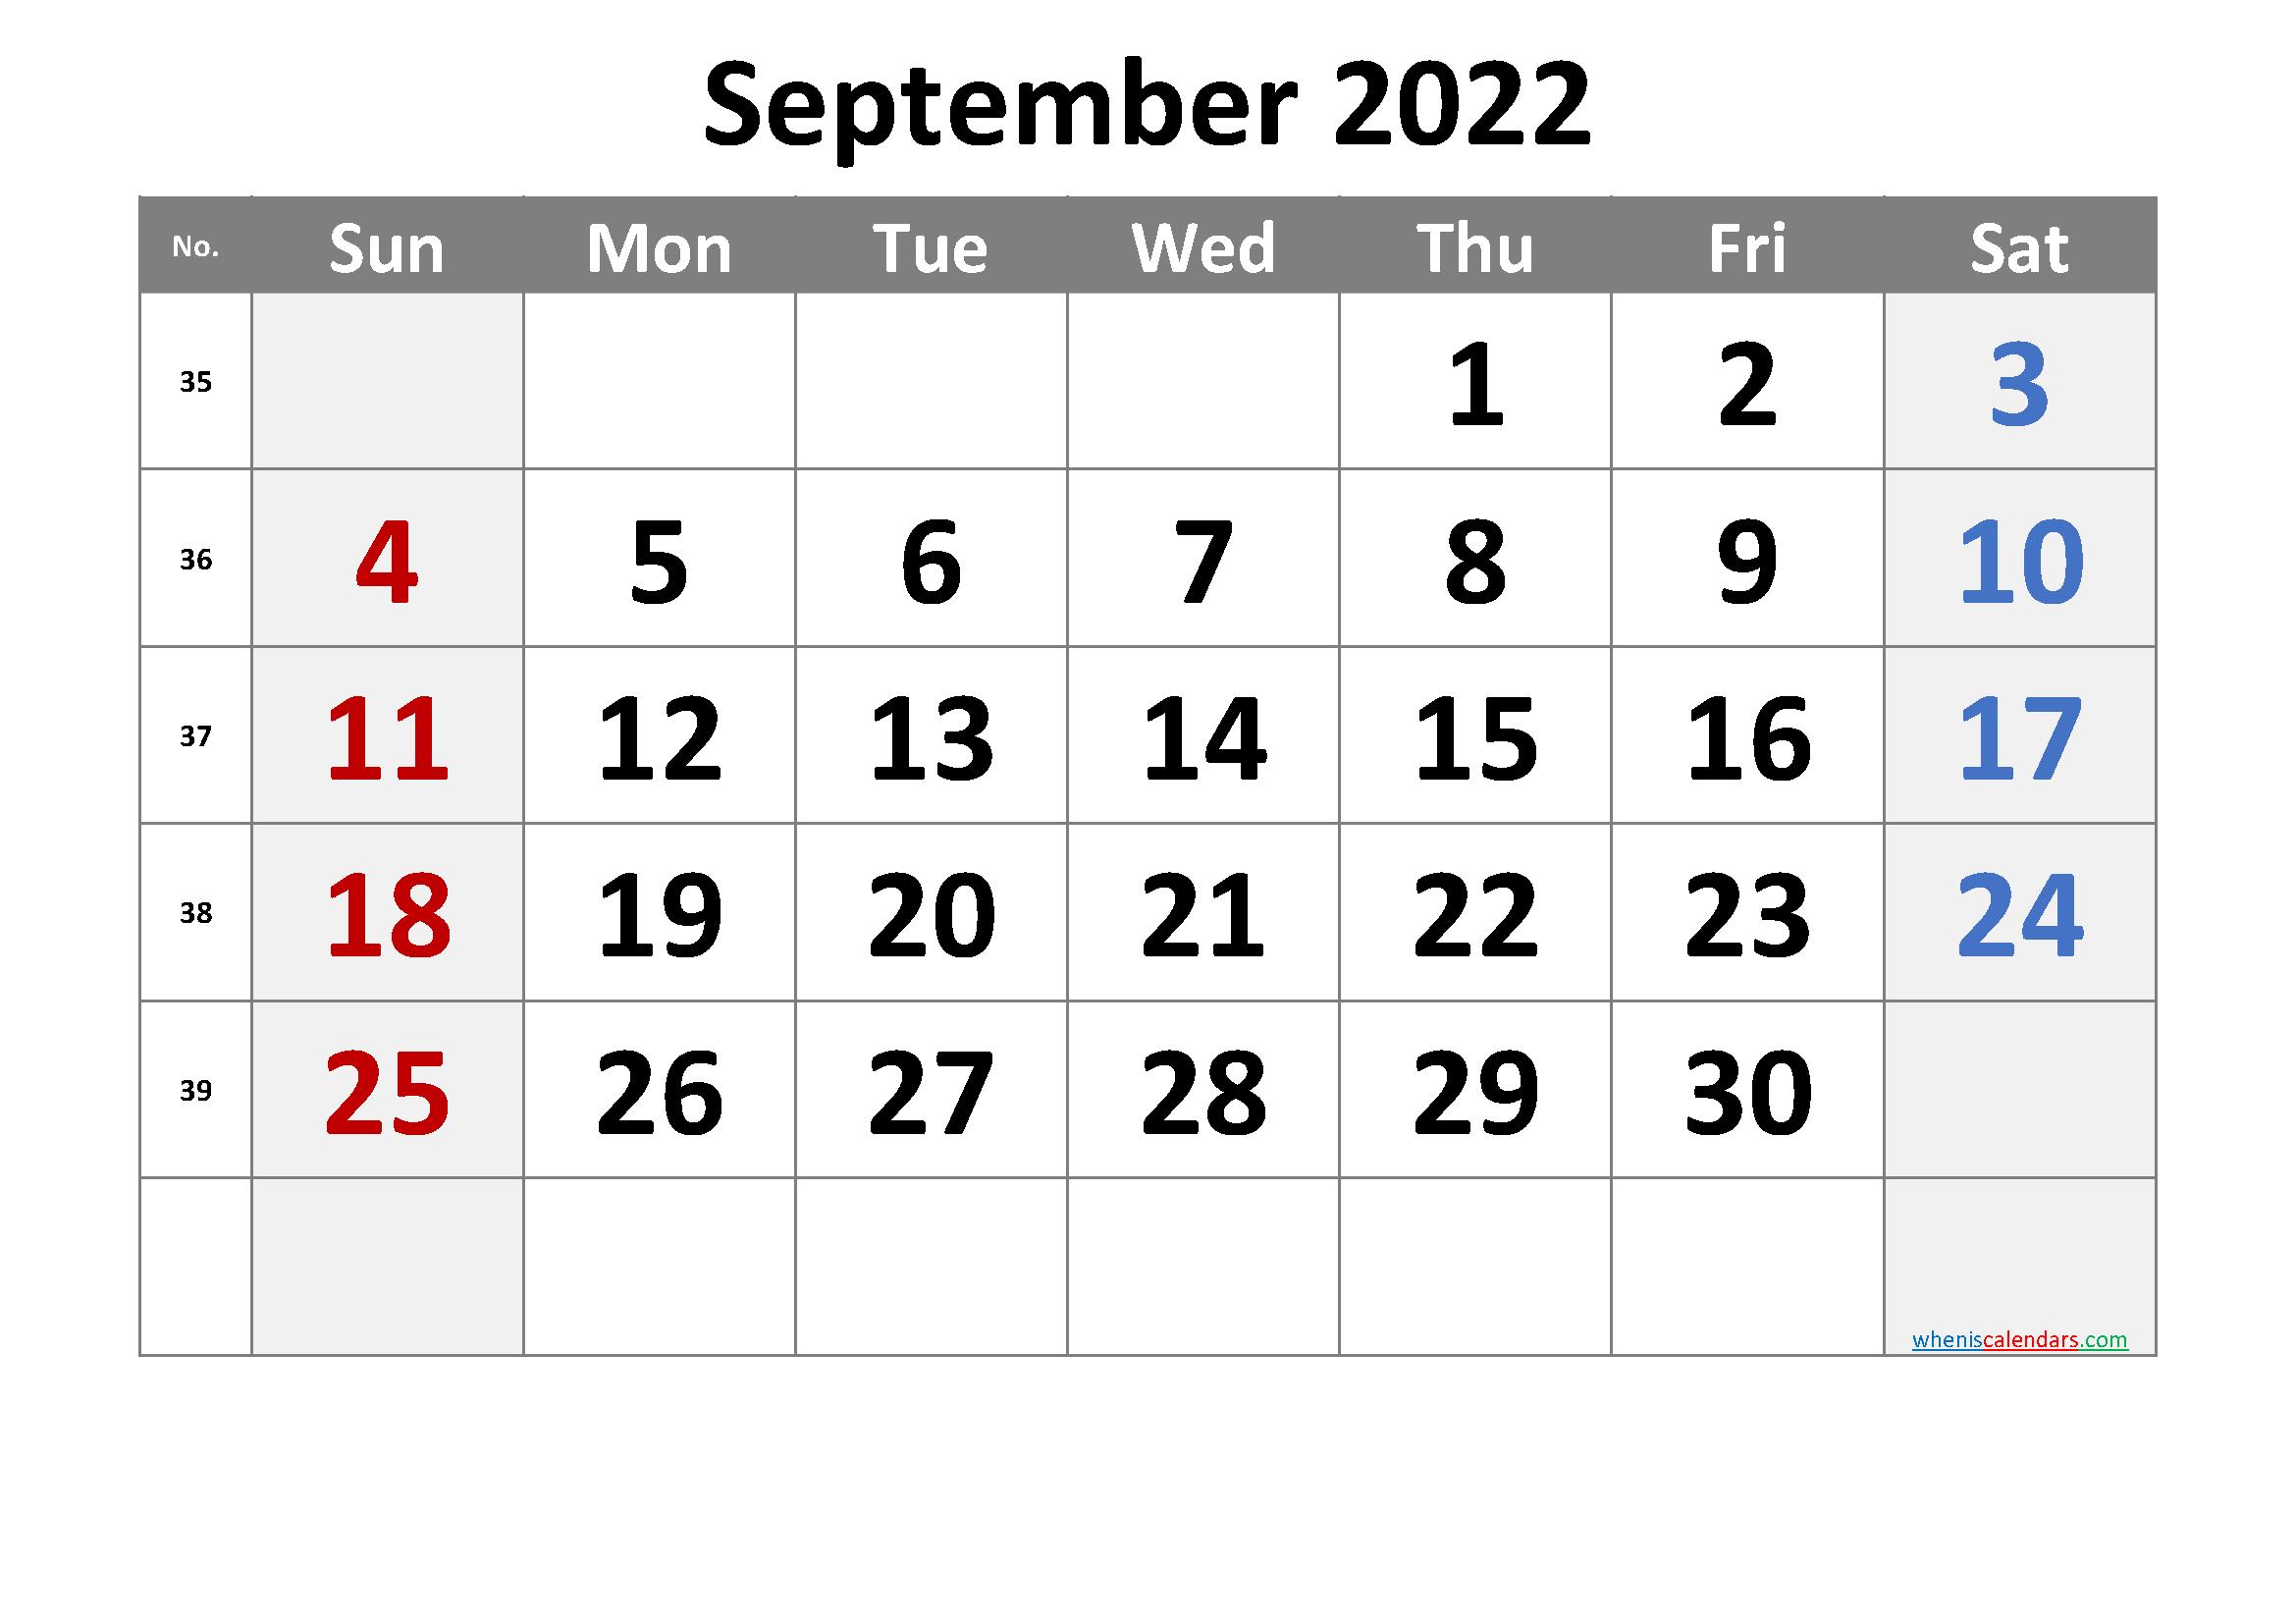 September 2022 Printable Calendar with Week Numbers